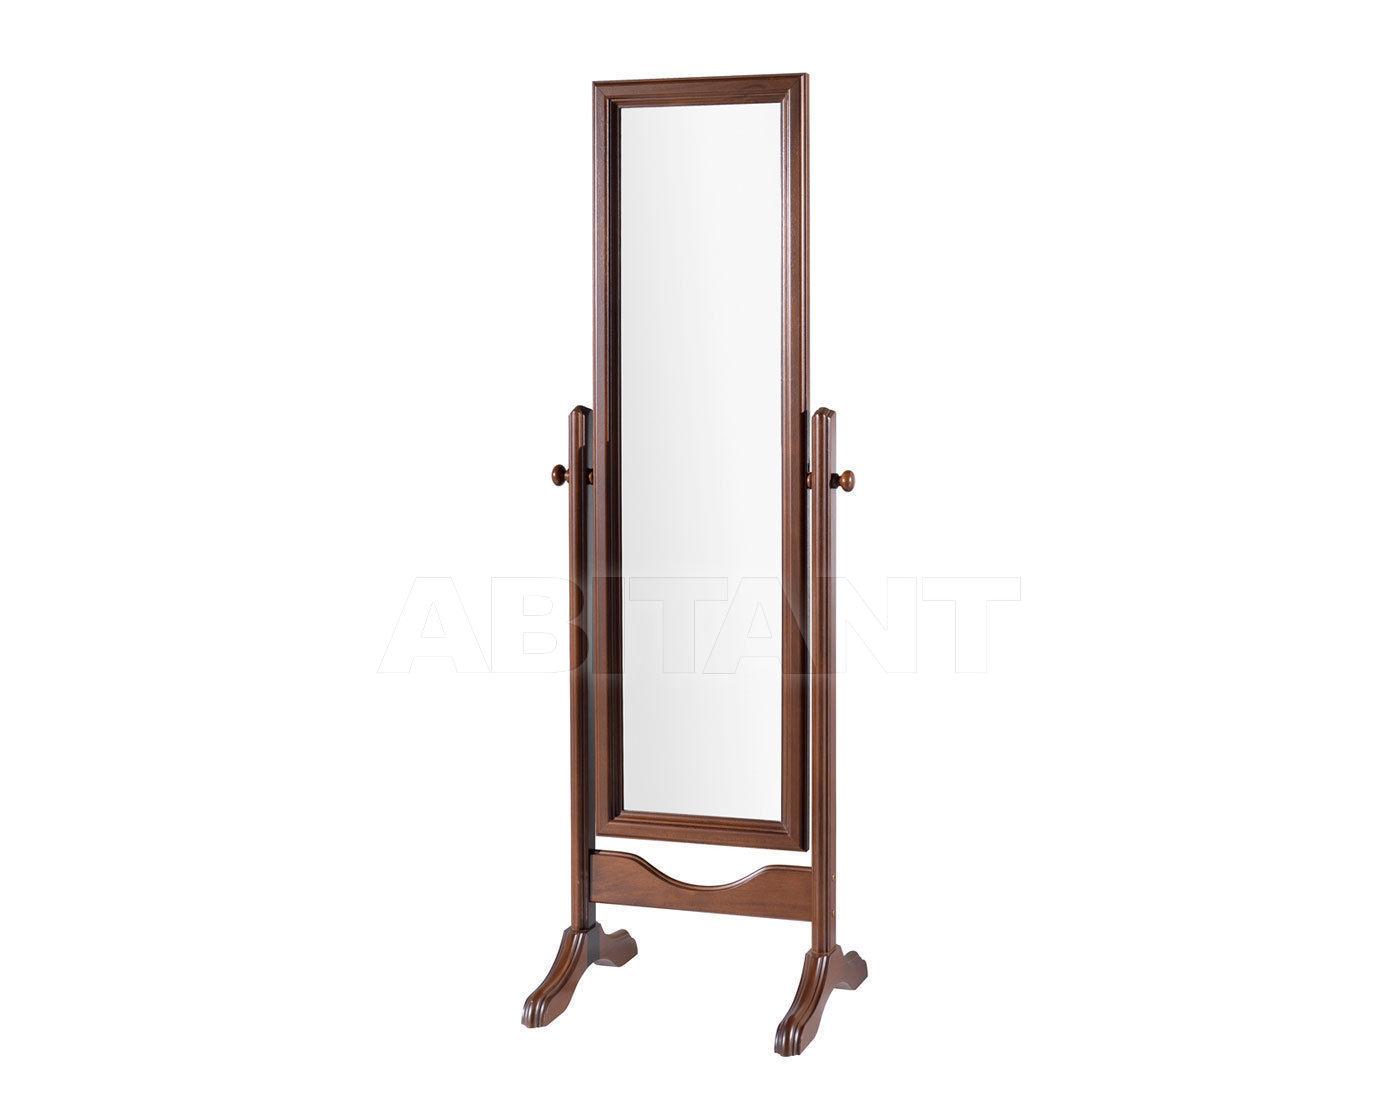 Купить Зеркало напольное Italexport GIOCHI DI LUCE 8.0160-L-N